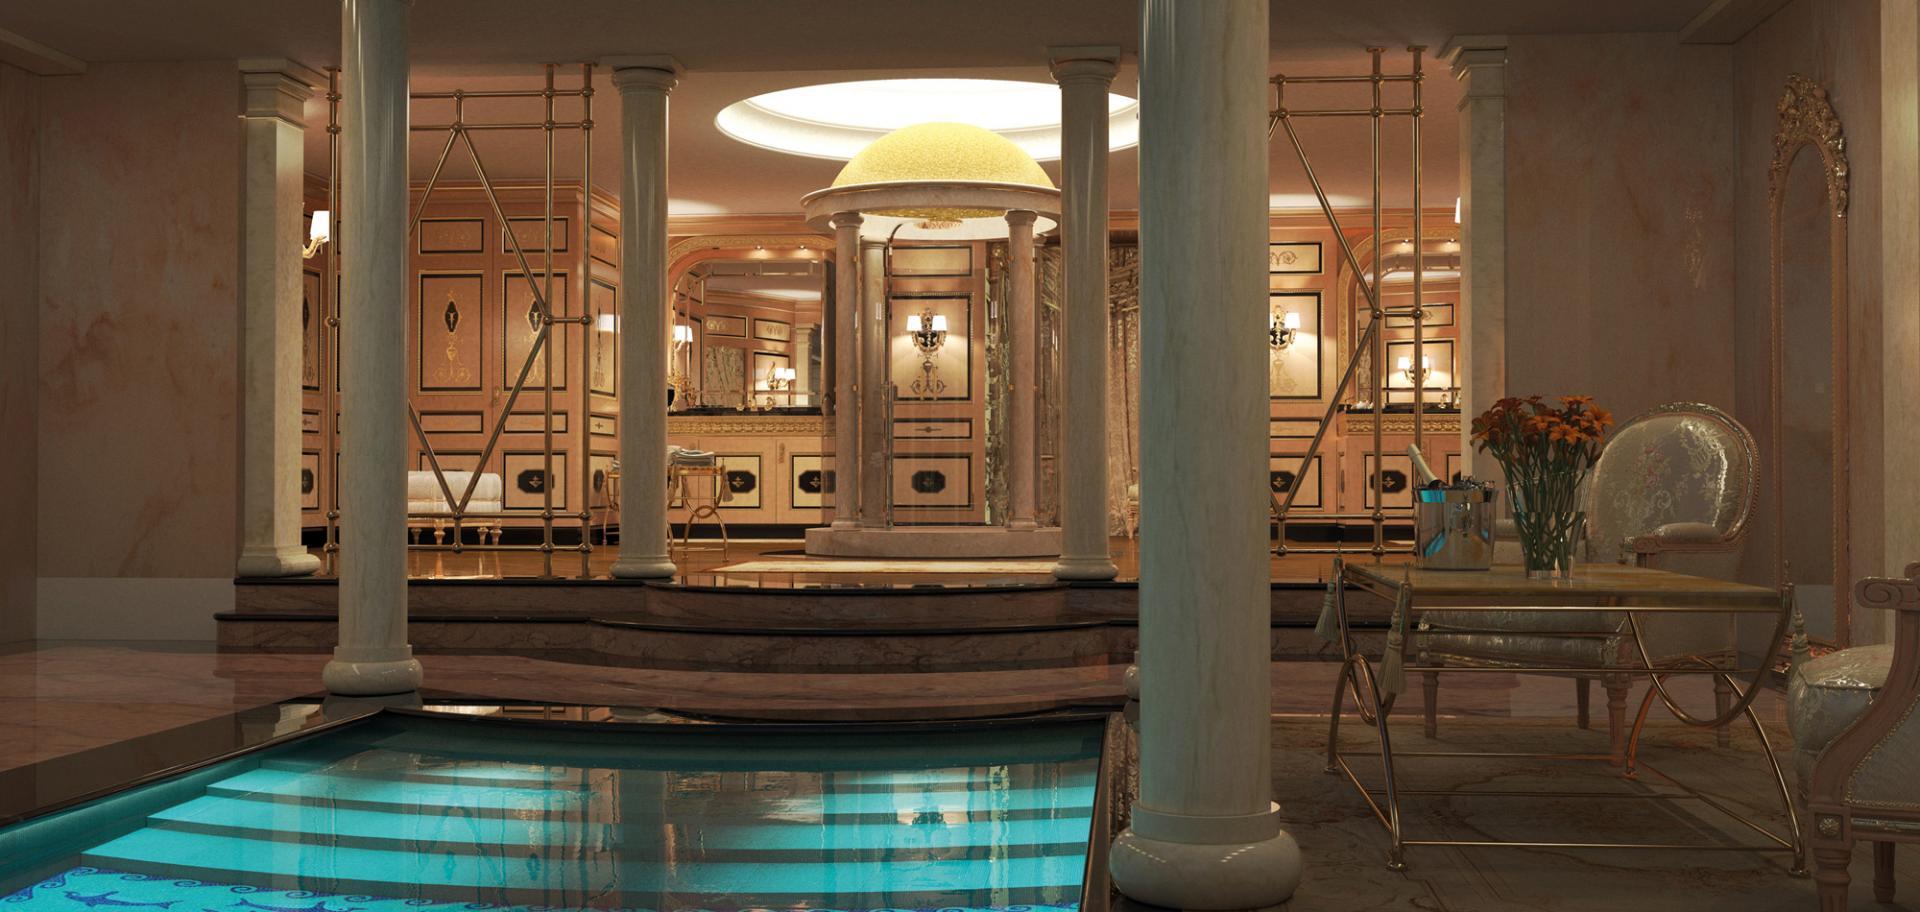 Progettazione mobili classici gli ambienti di lusso for Progettazione di mobili online